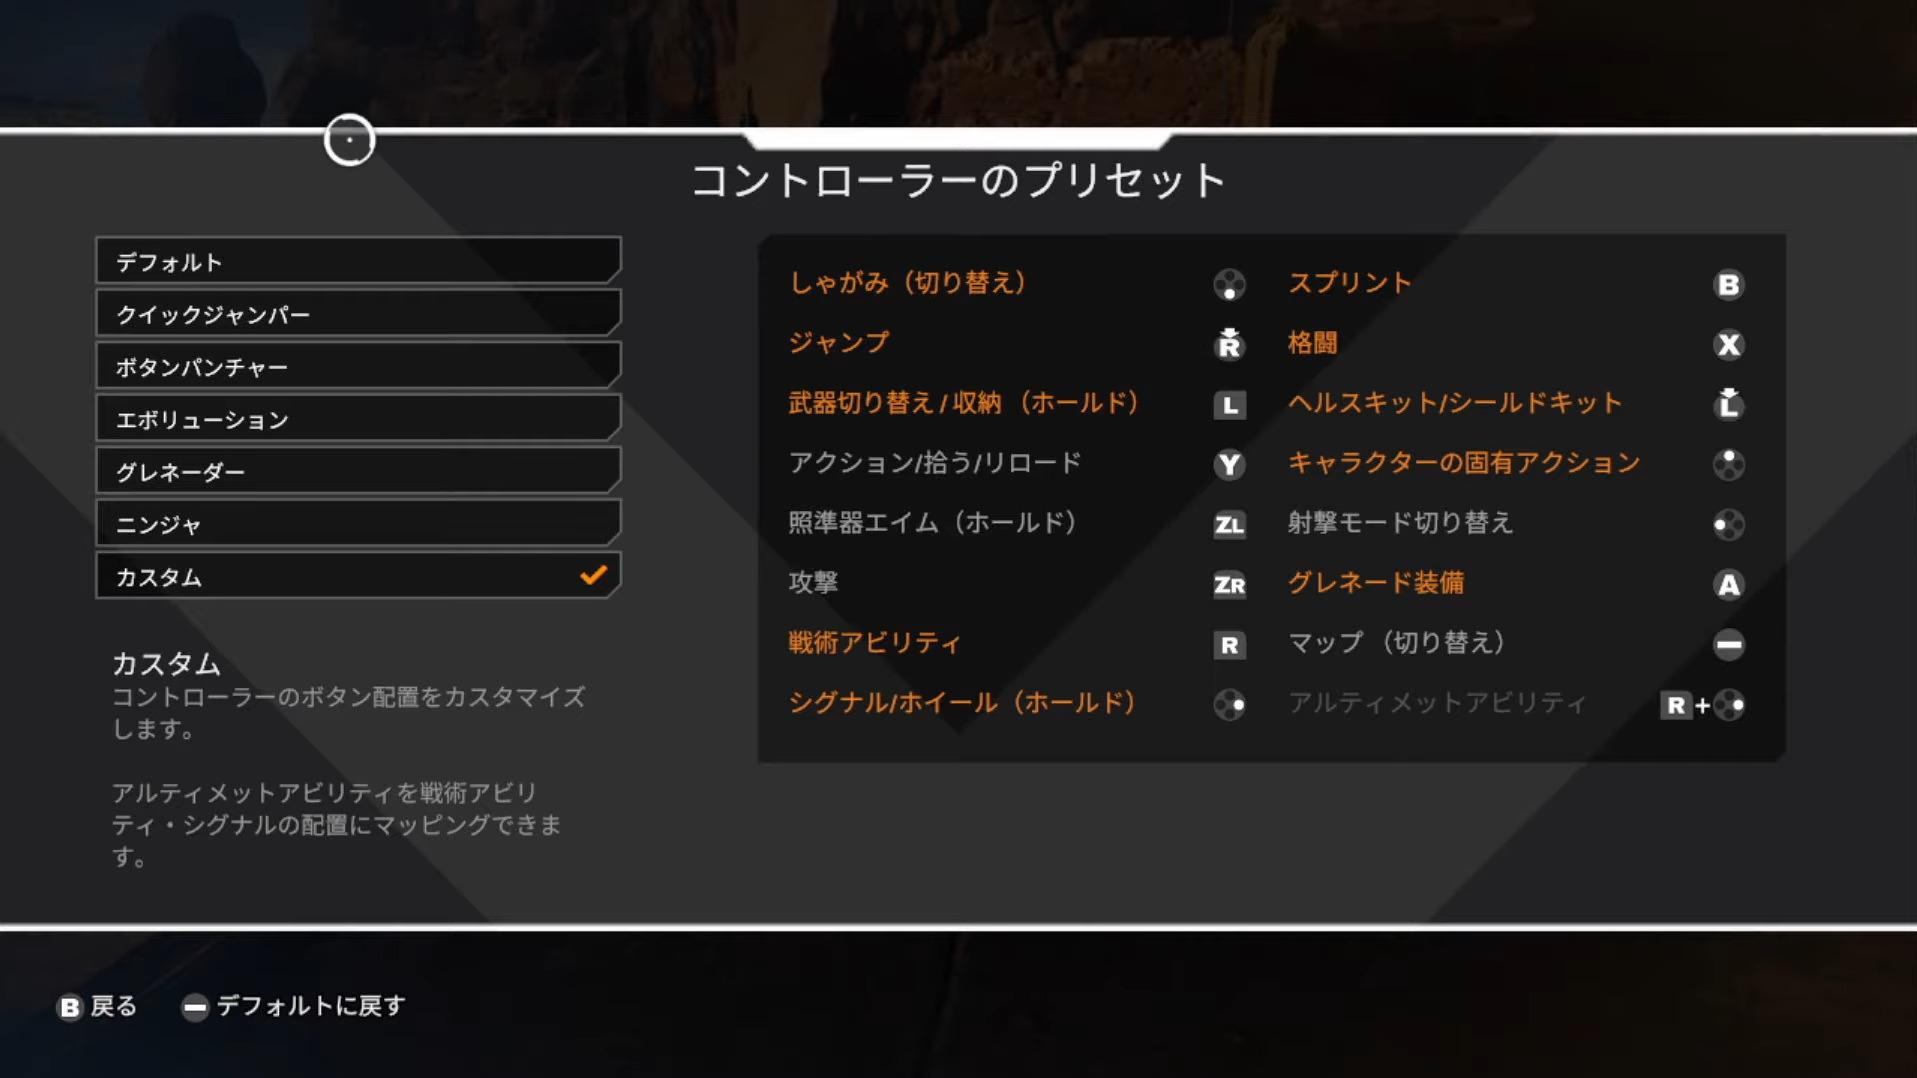 【Apex Legends】Switch版ソロプレデター ゆうごげーむず 最新のボタン配置設定・感度設定・使っている周辺機器(デバイス) まとめ【エーペックスレジェンズ】